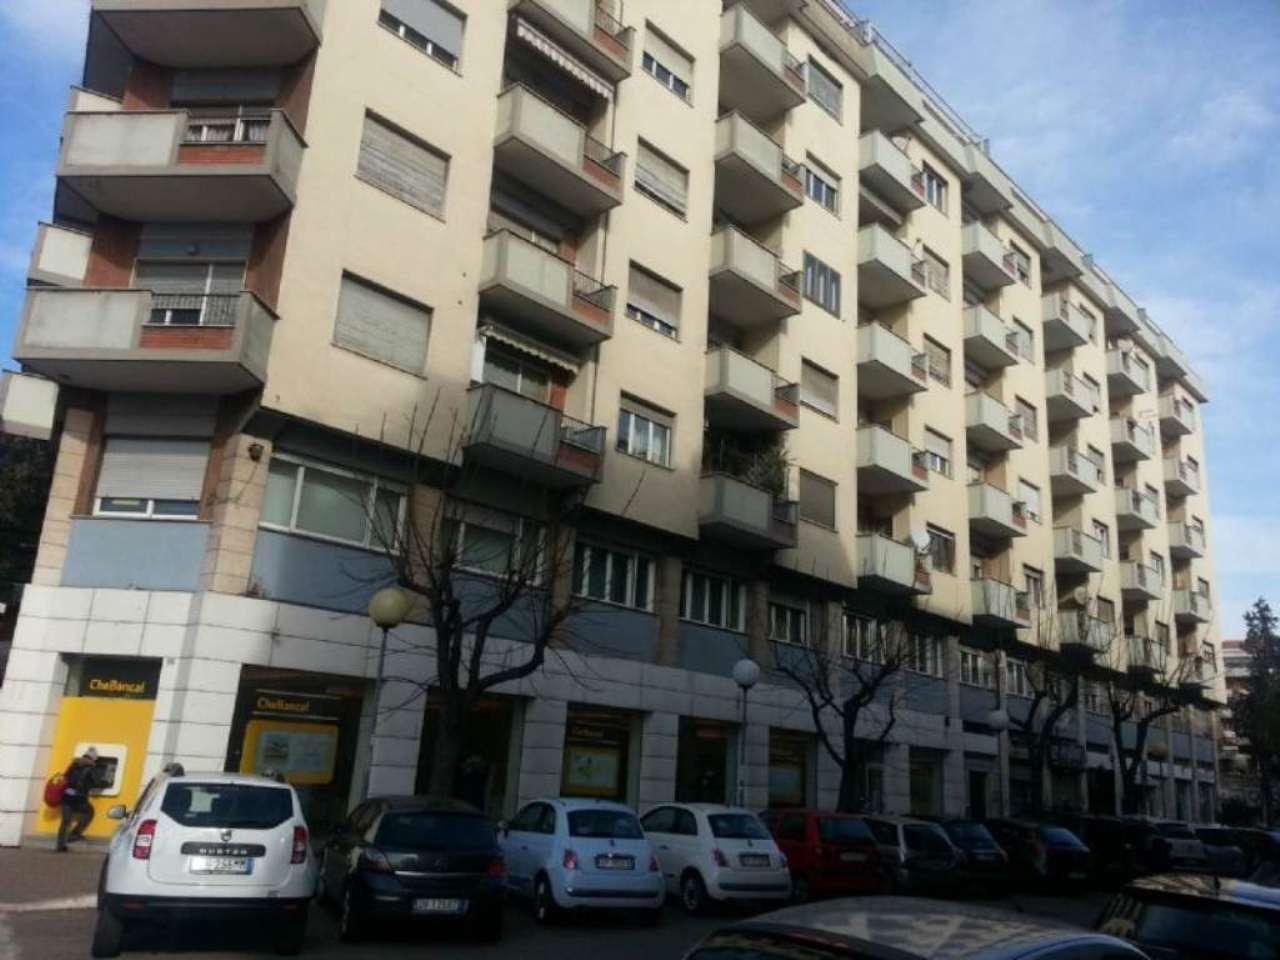 Negozio / Locale in affitto a Pescara, 2 locali, prezzo € 700 | Cambio Casa.it